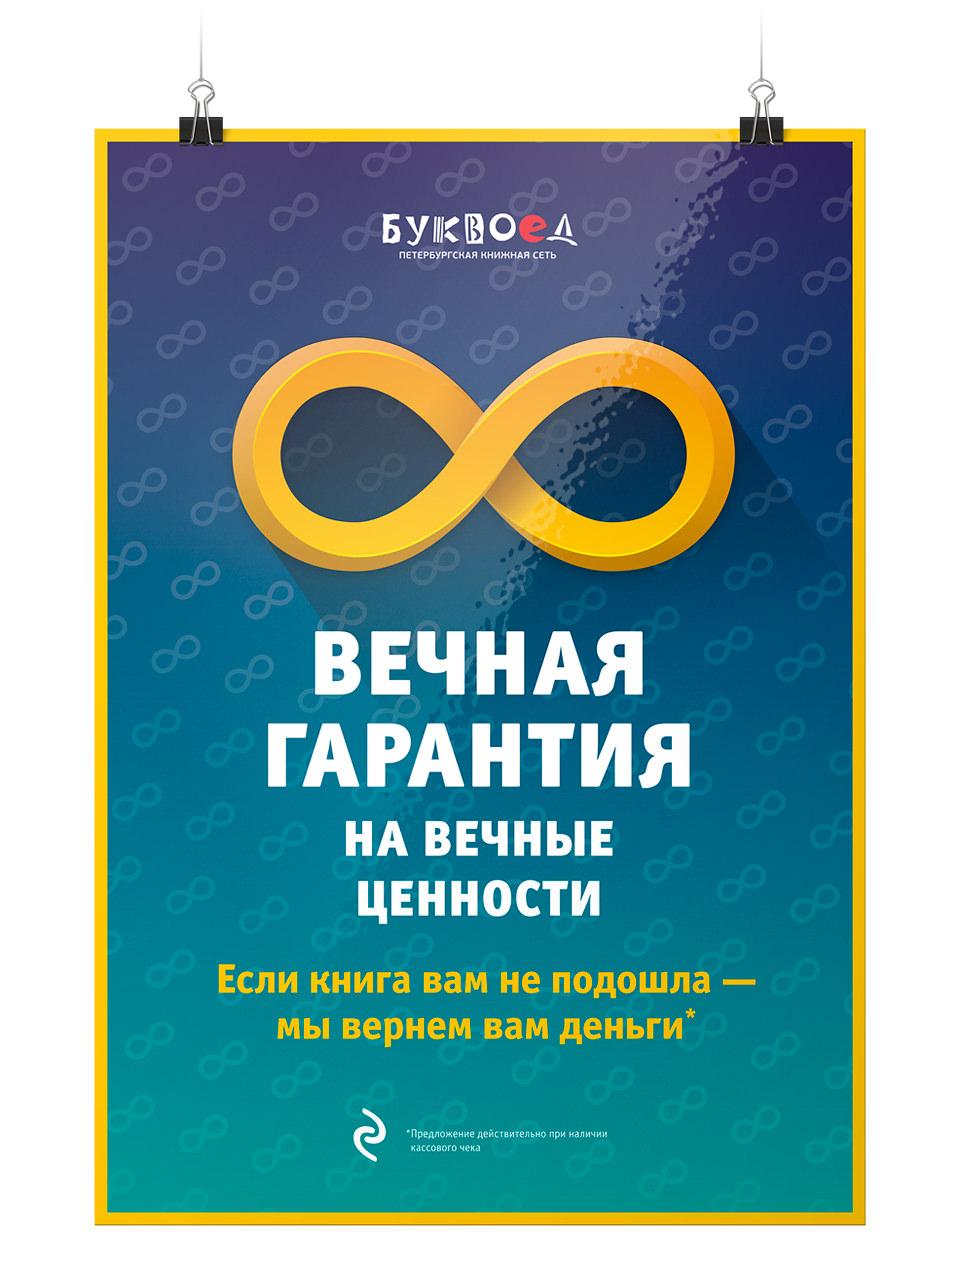 Дизайн рекламного постера для совестной акции «Вечная гарантия» издательства «Эксмо» и книжной сети «Буквоед»..